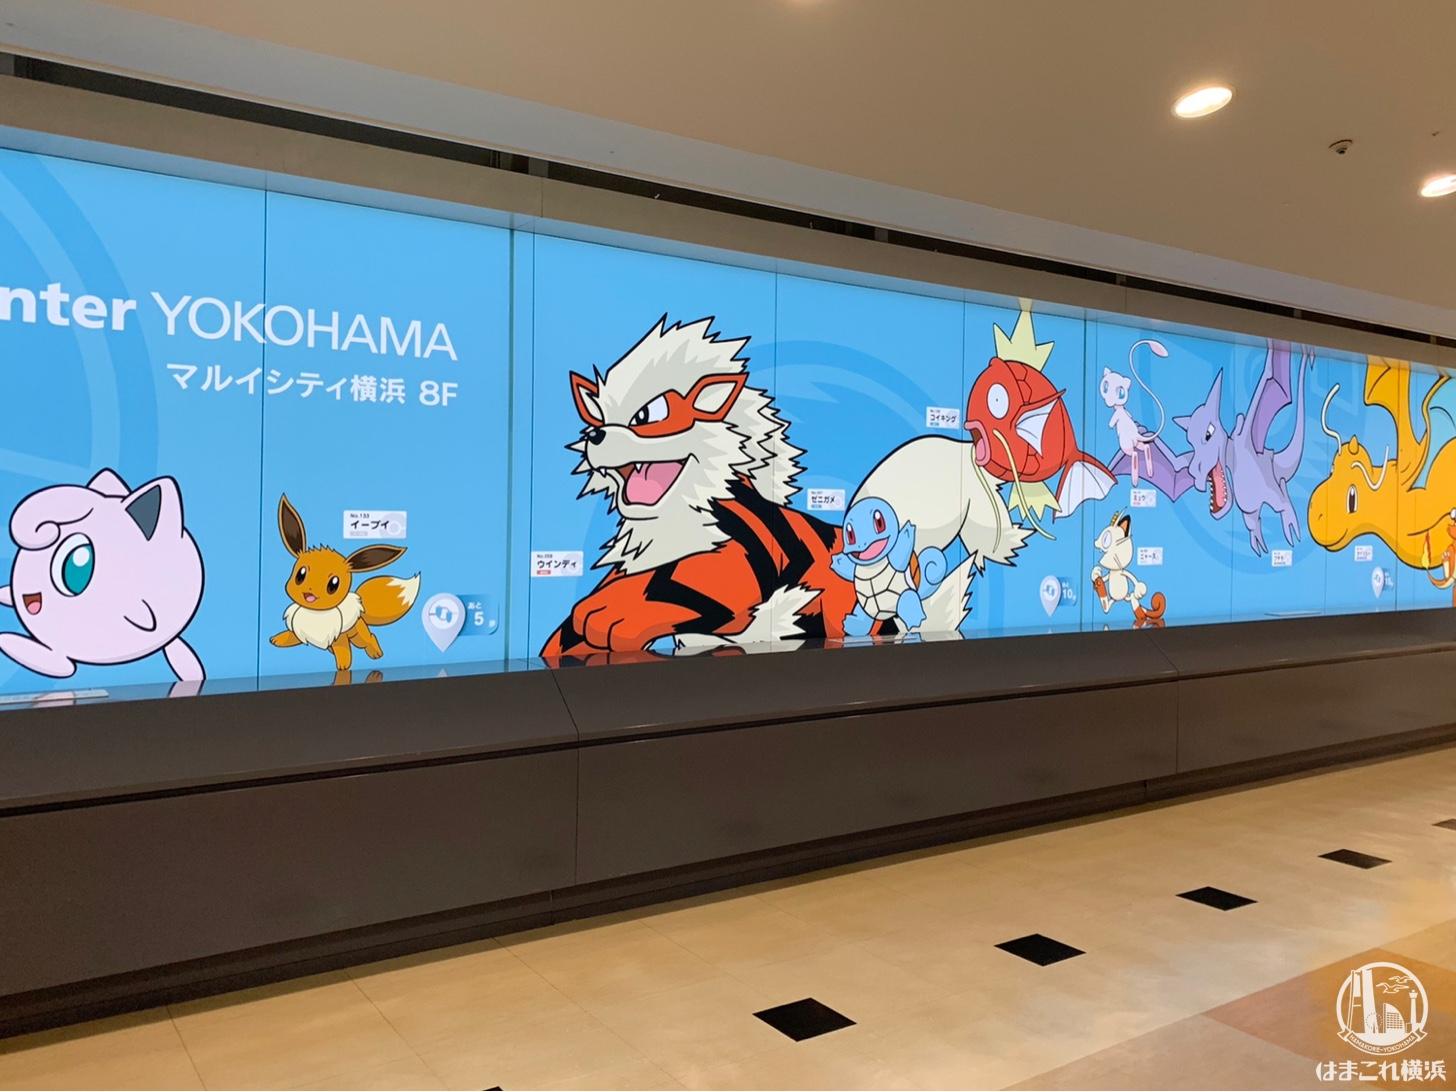 そごう横浜とマルイシティ横浜の連絡通路 ポケモン